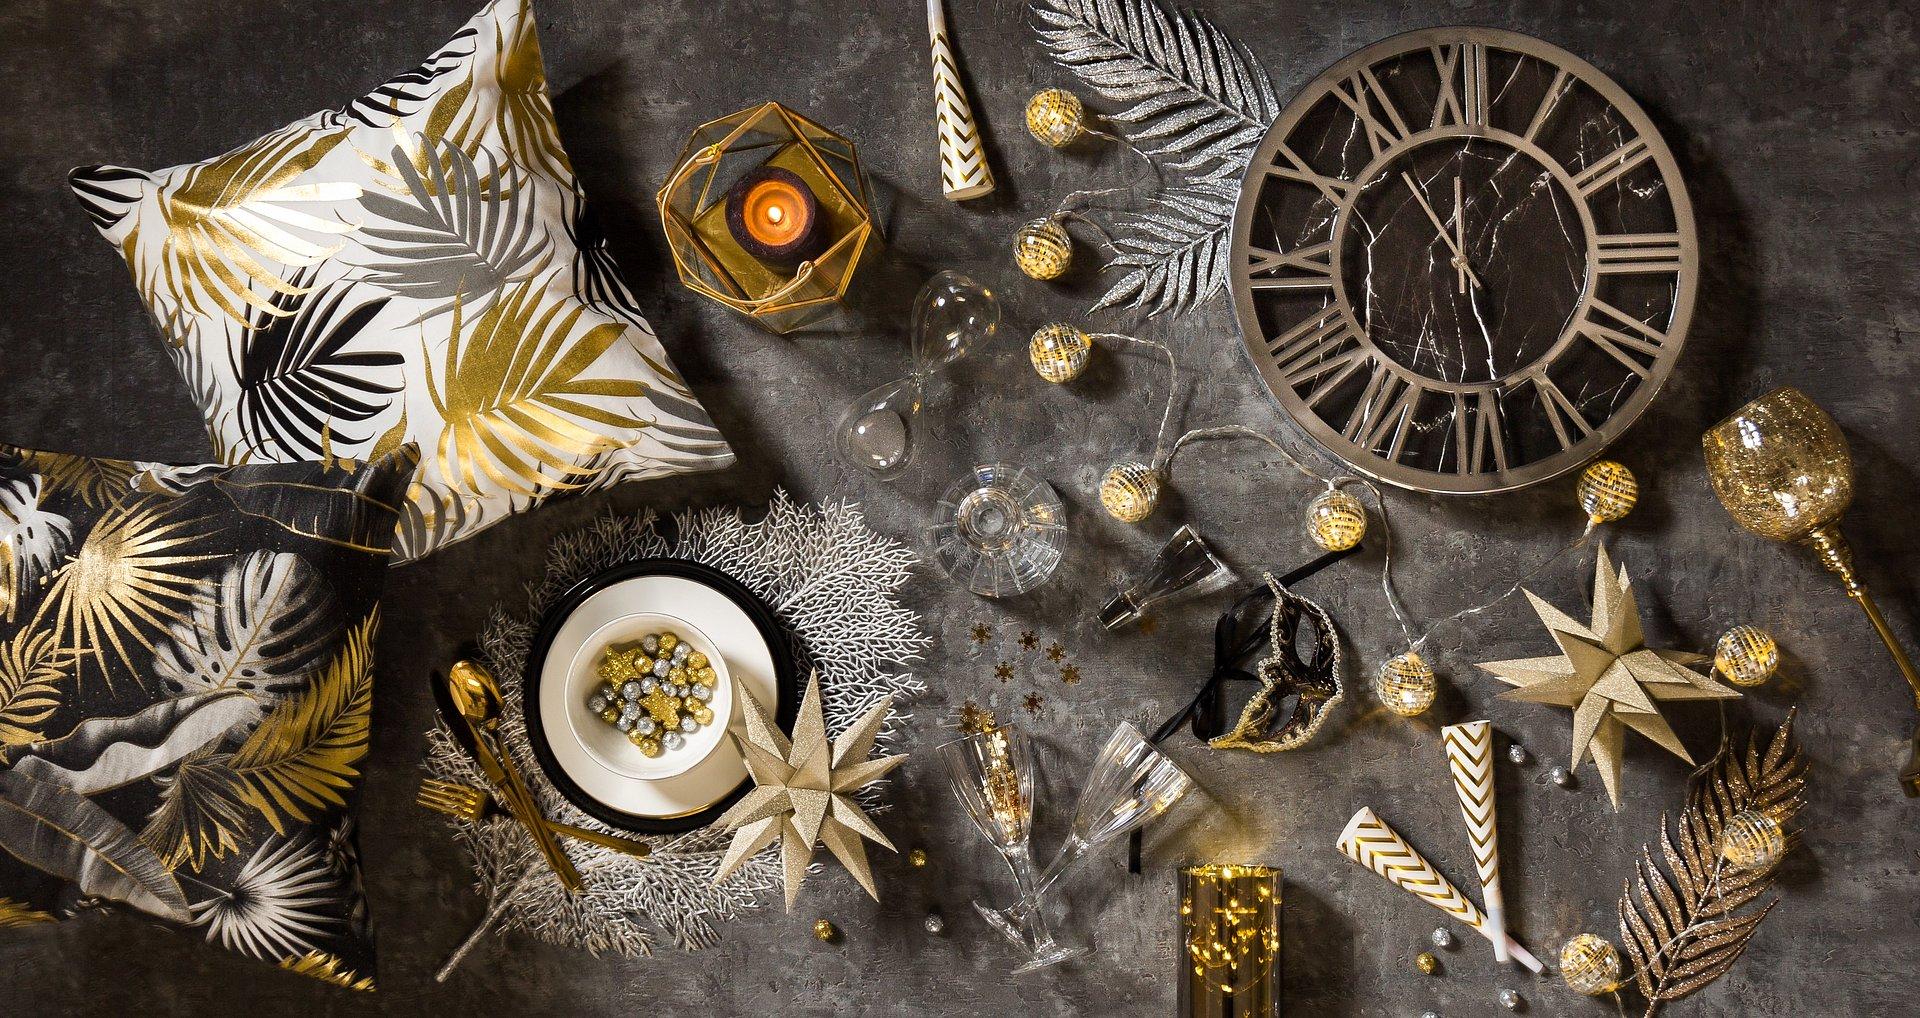 Sylwestrowe dekoracje w Twoim wnętrzu. Zaskocz gości efektowną aranżacją!